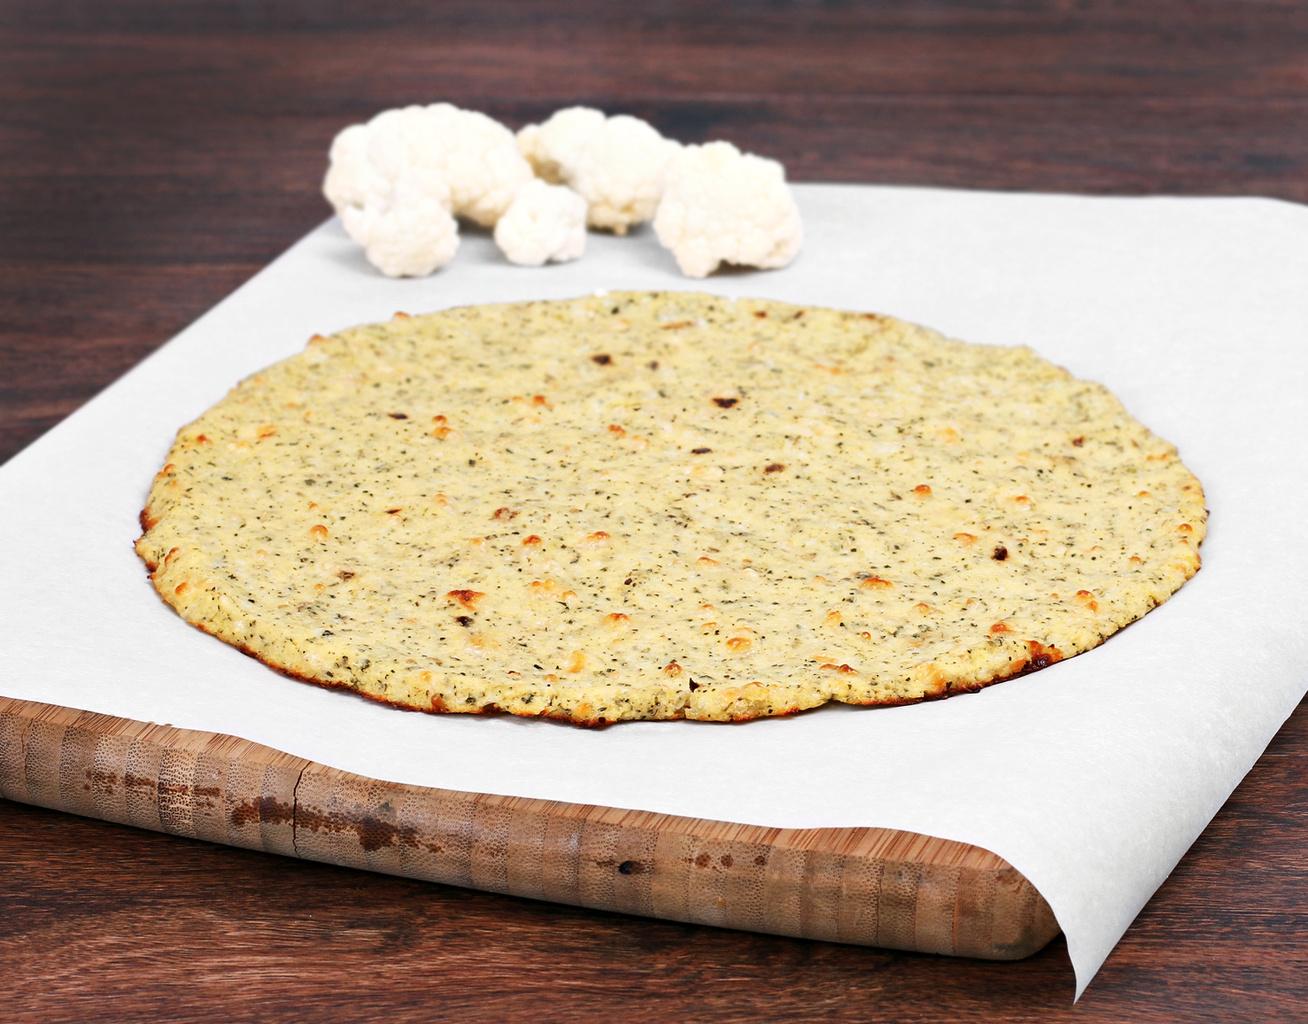 Ropogós karfiollepény szénhidrát nélkül: ha ezt eszed a hizlaló péksütik helyett, fogyni fogsz